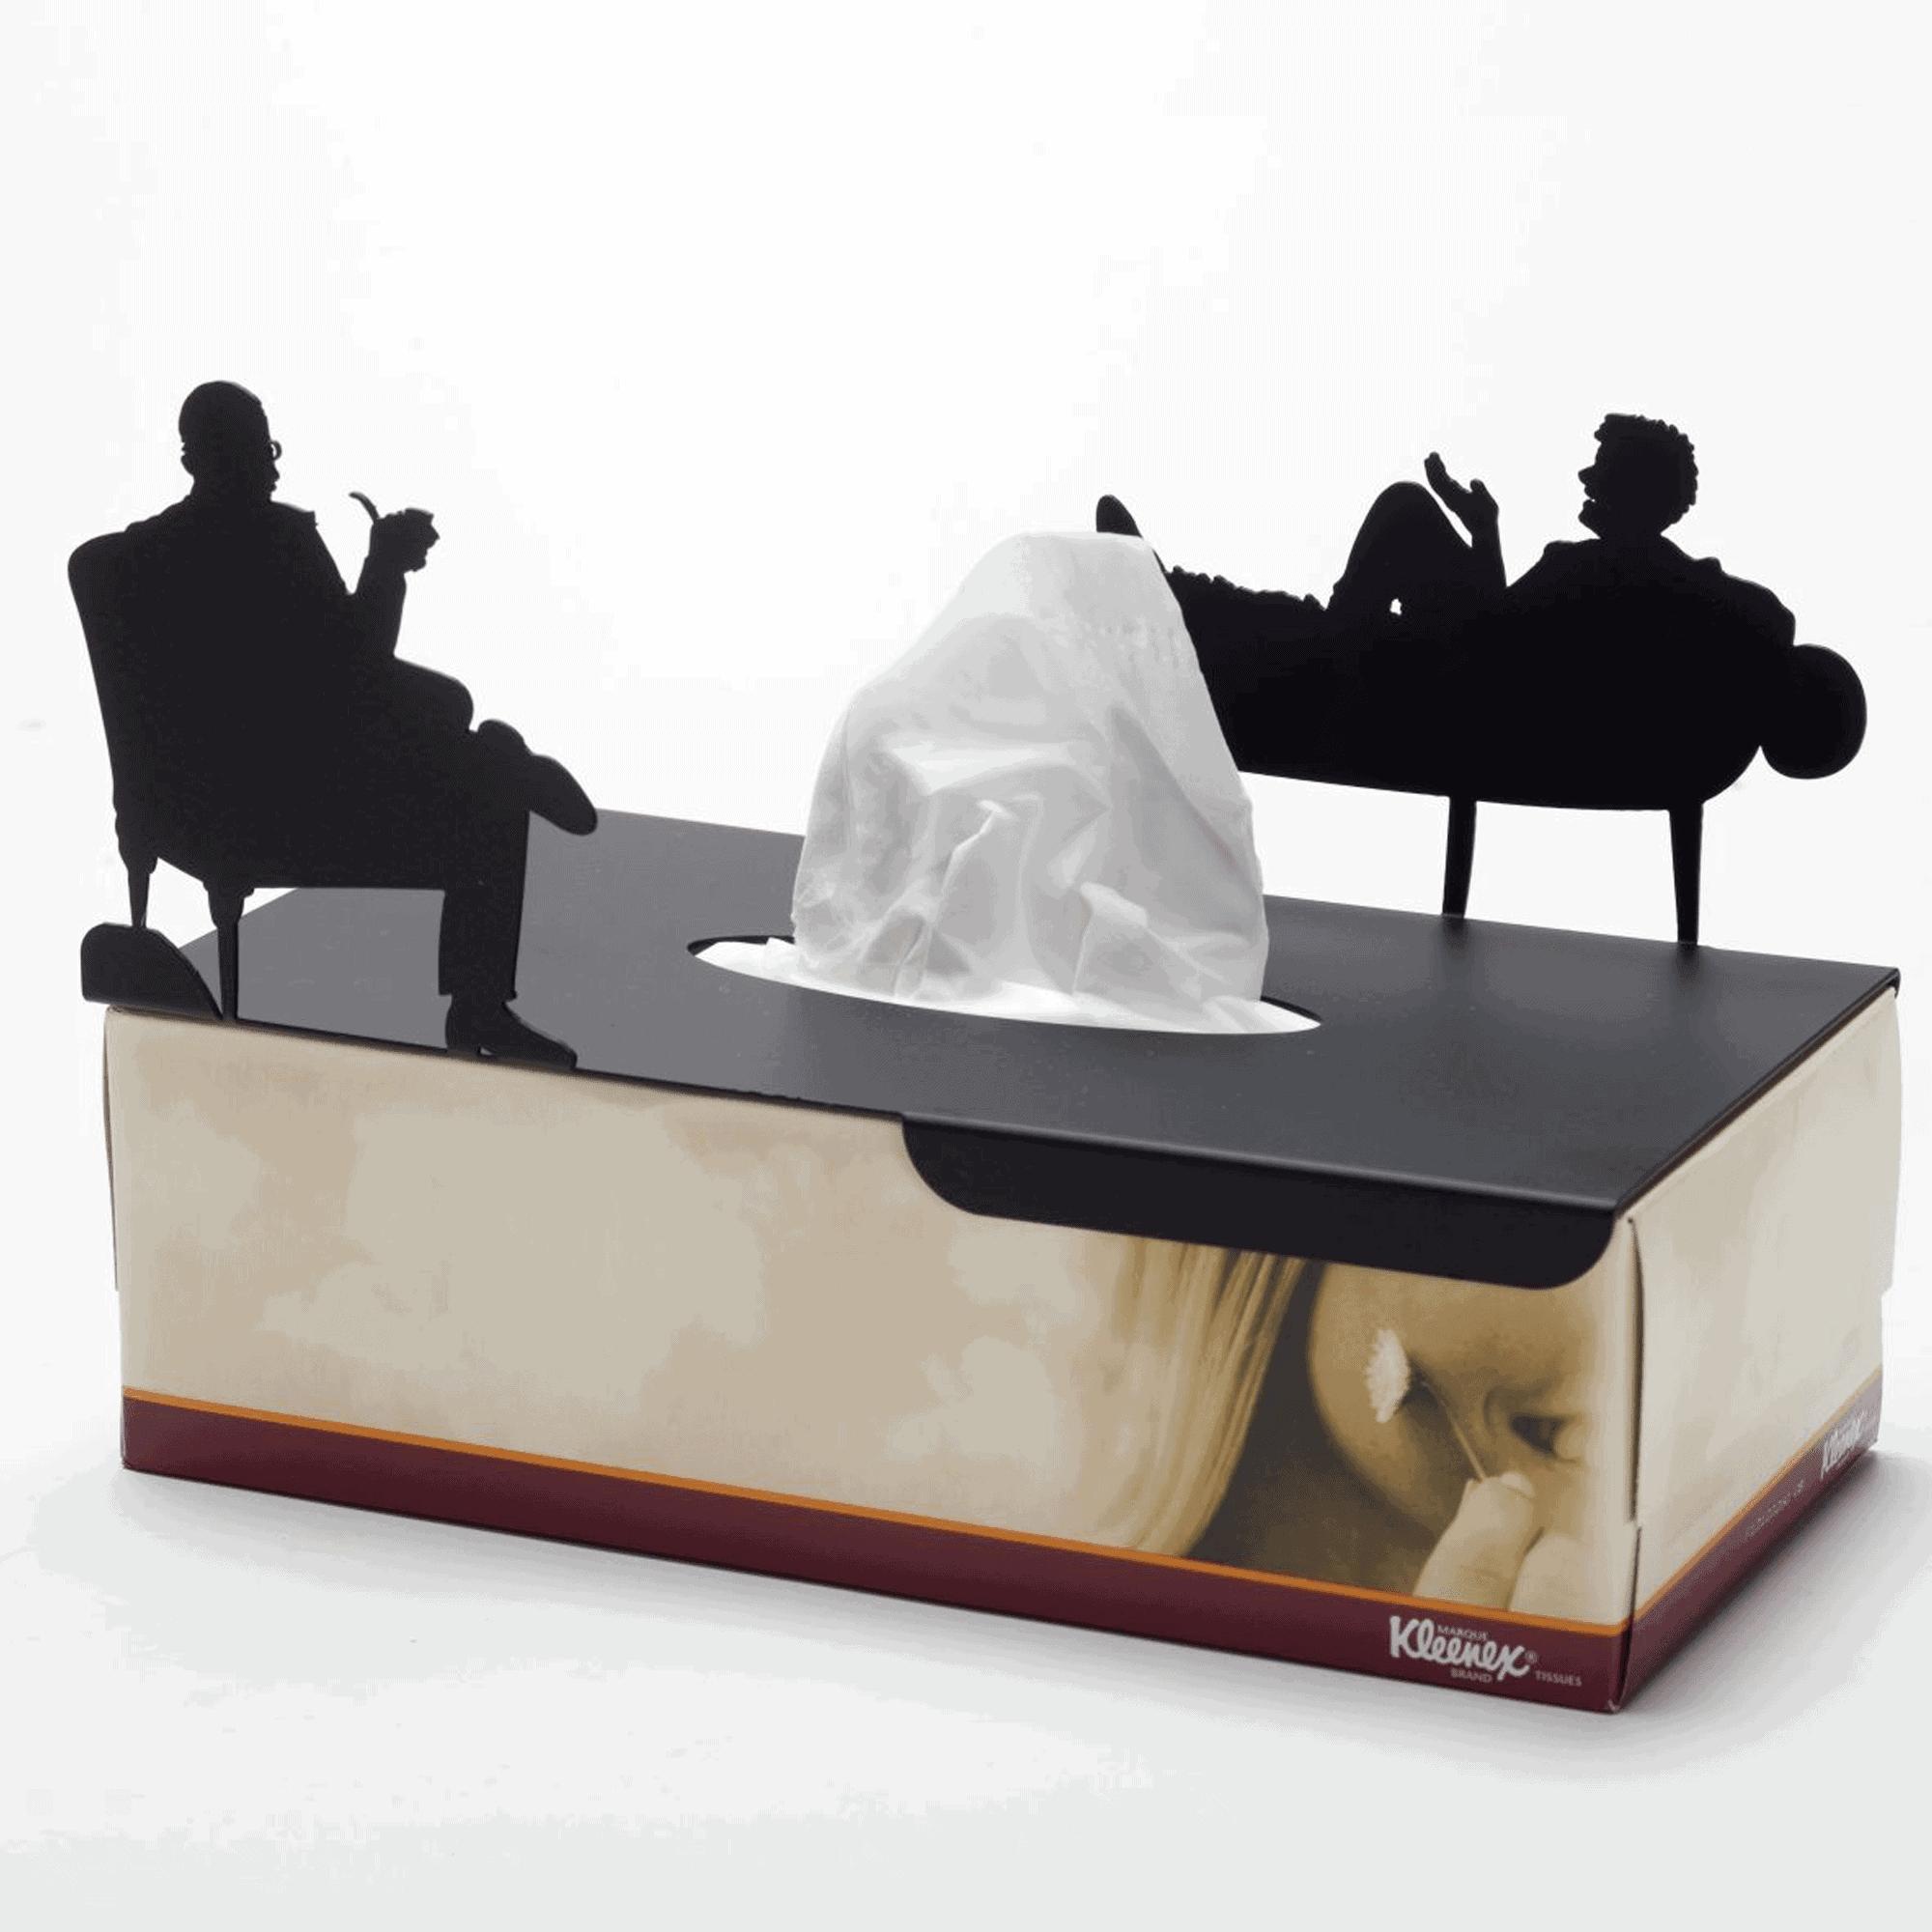 בטיפול - כיסו לקופסת טישו מלבנית